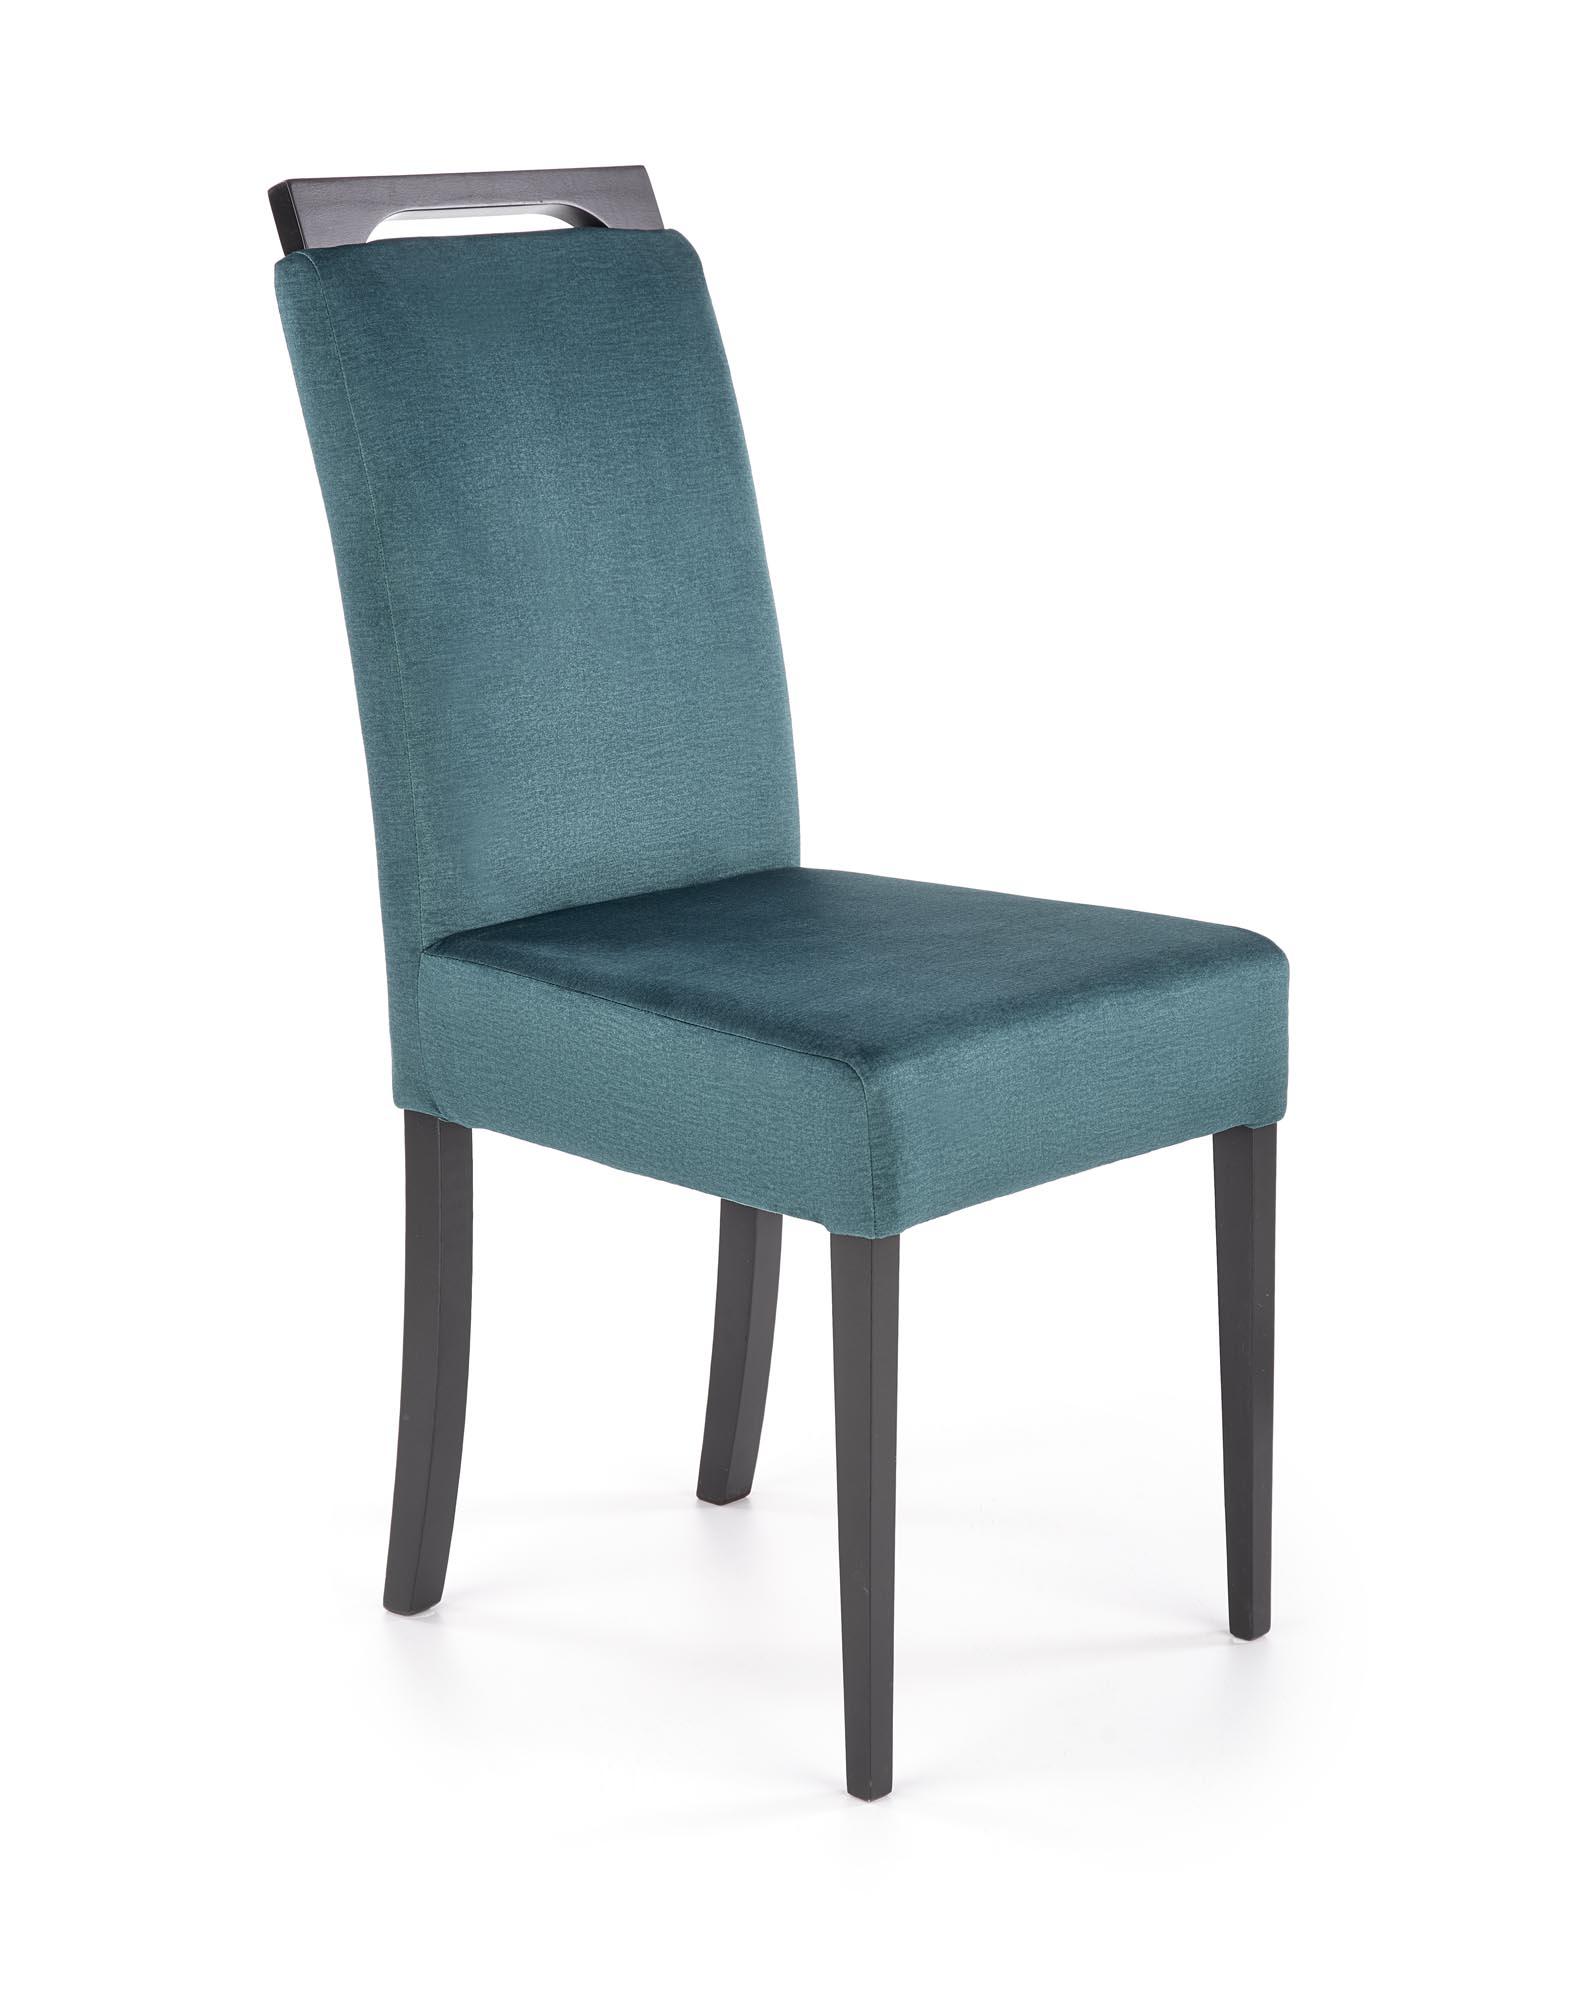 CLARION 2 krzesło czarny / tap: MONOLITH 37 (c. zielony) (1p=2szt)